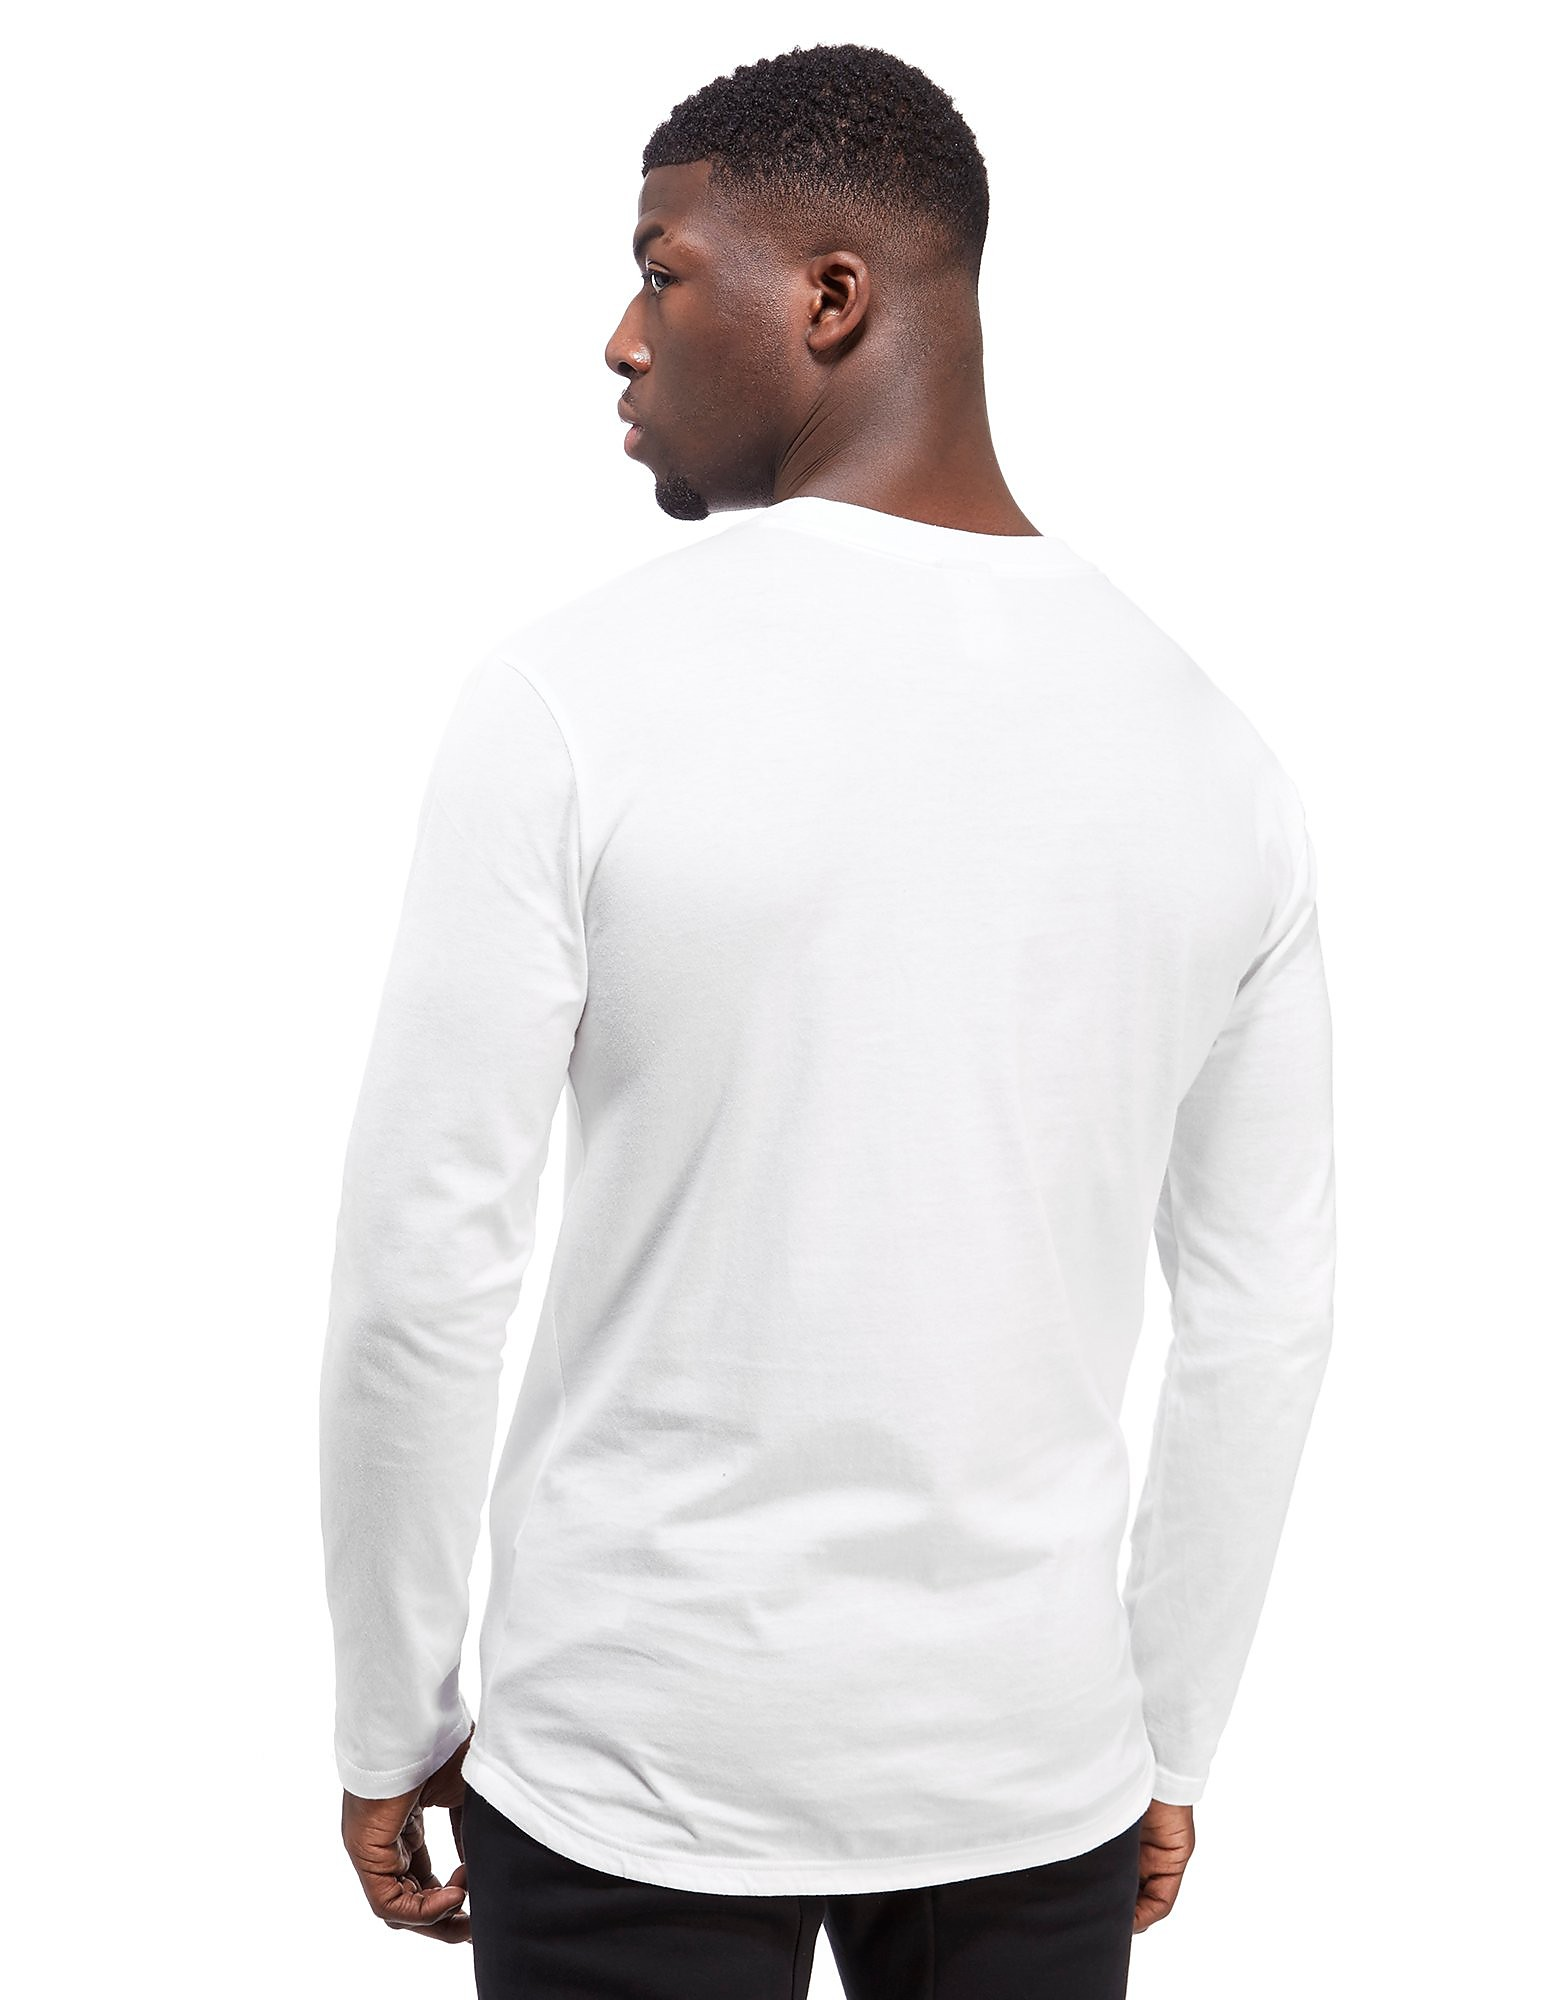 Nike Long-Sleeve Core T-Shirt